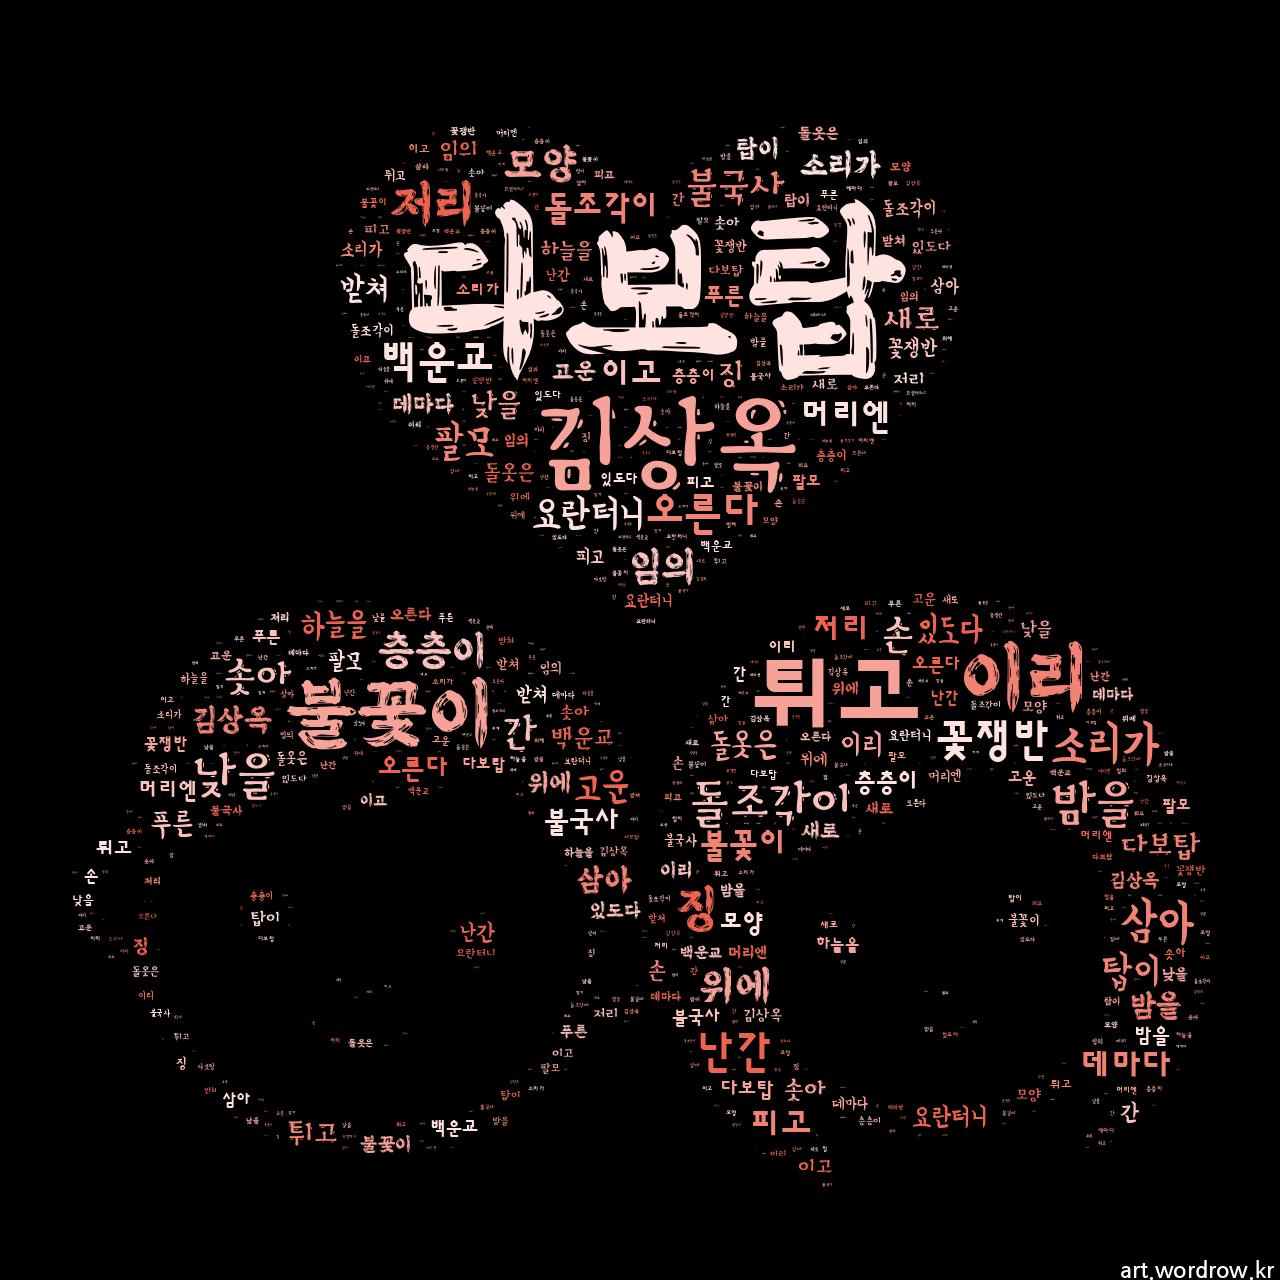 워드 클라우드: 다보탑 [김상옥]-4